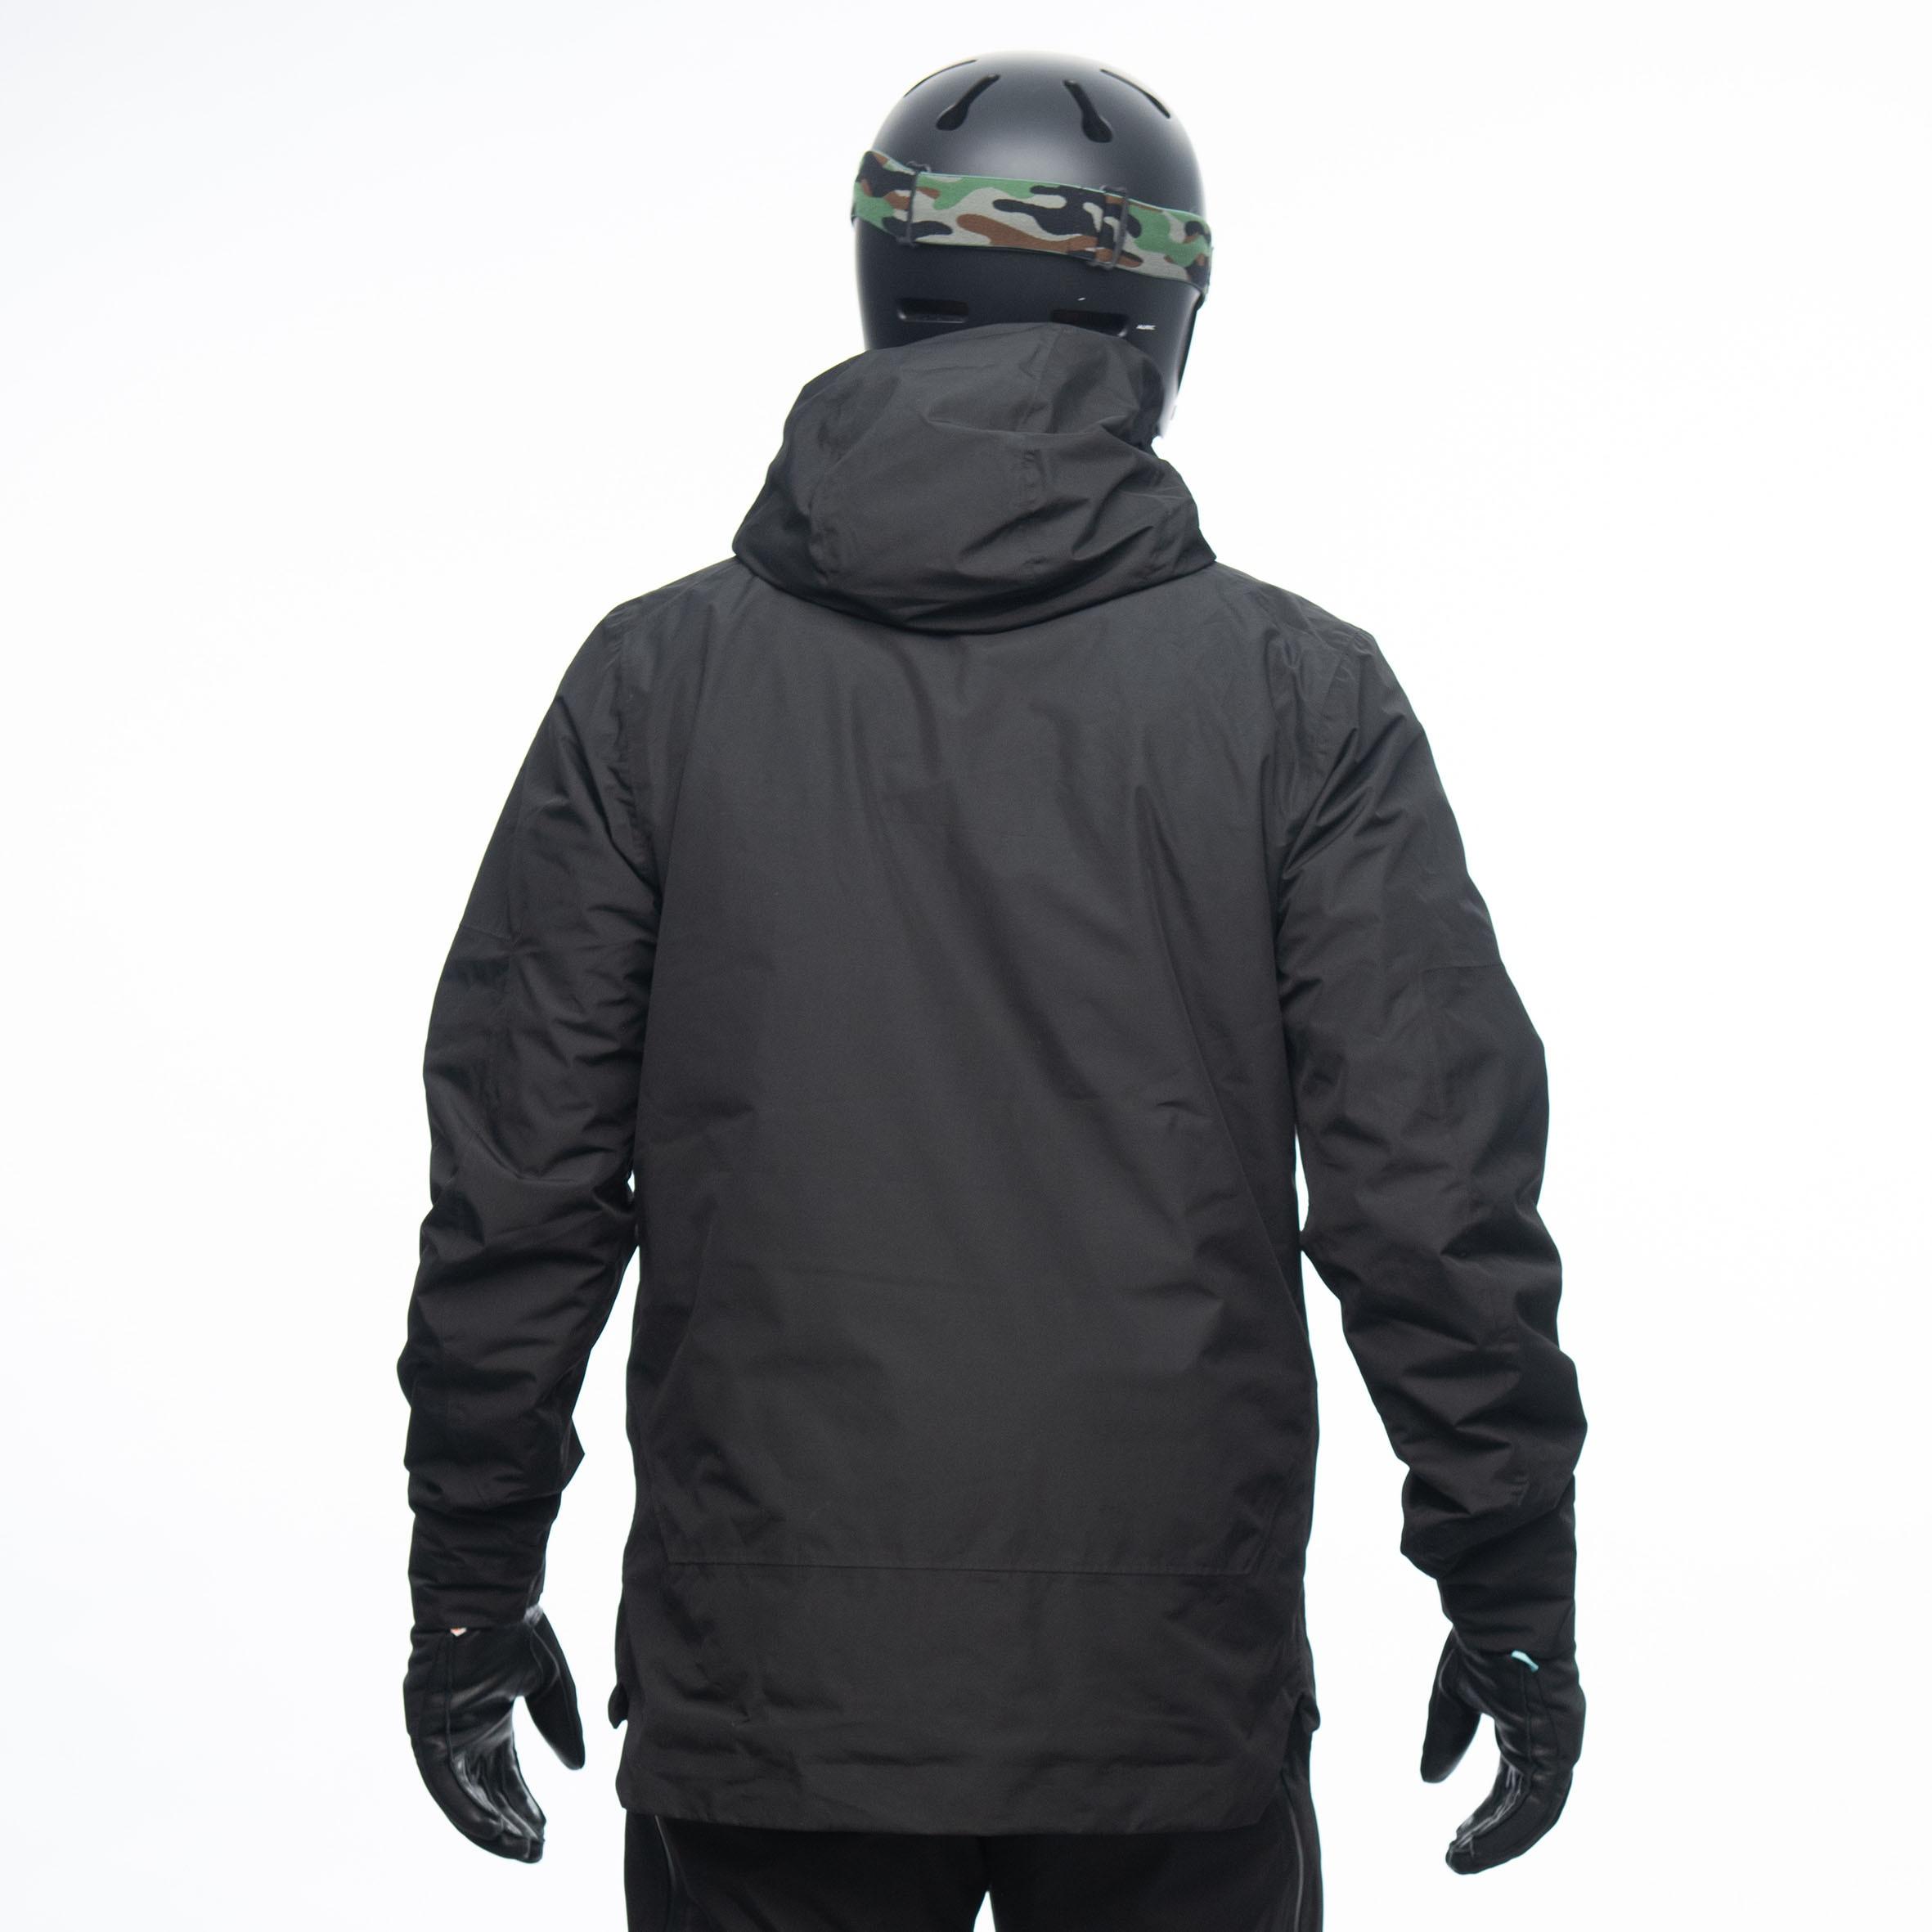 Stranda V2 Insulated Jacket